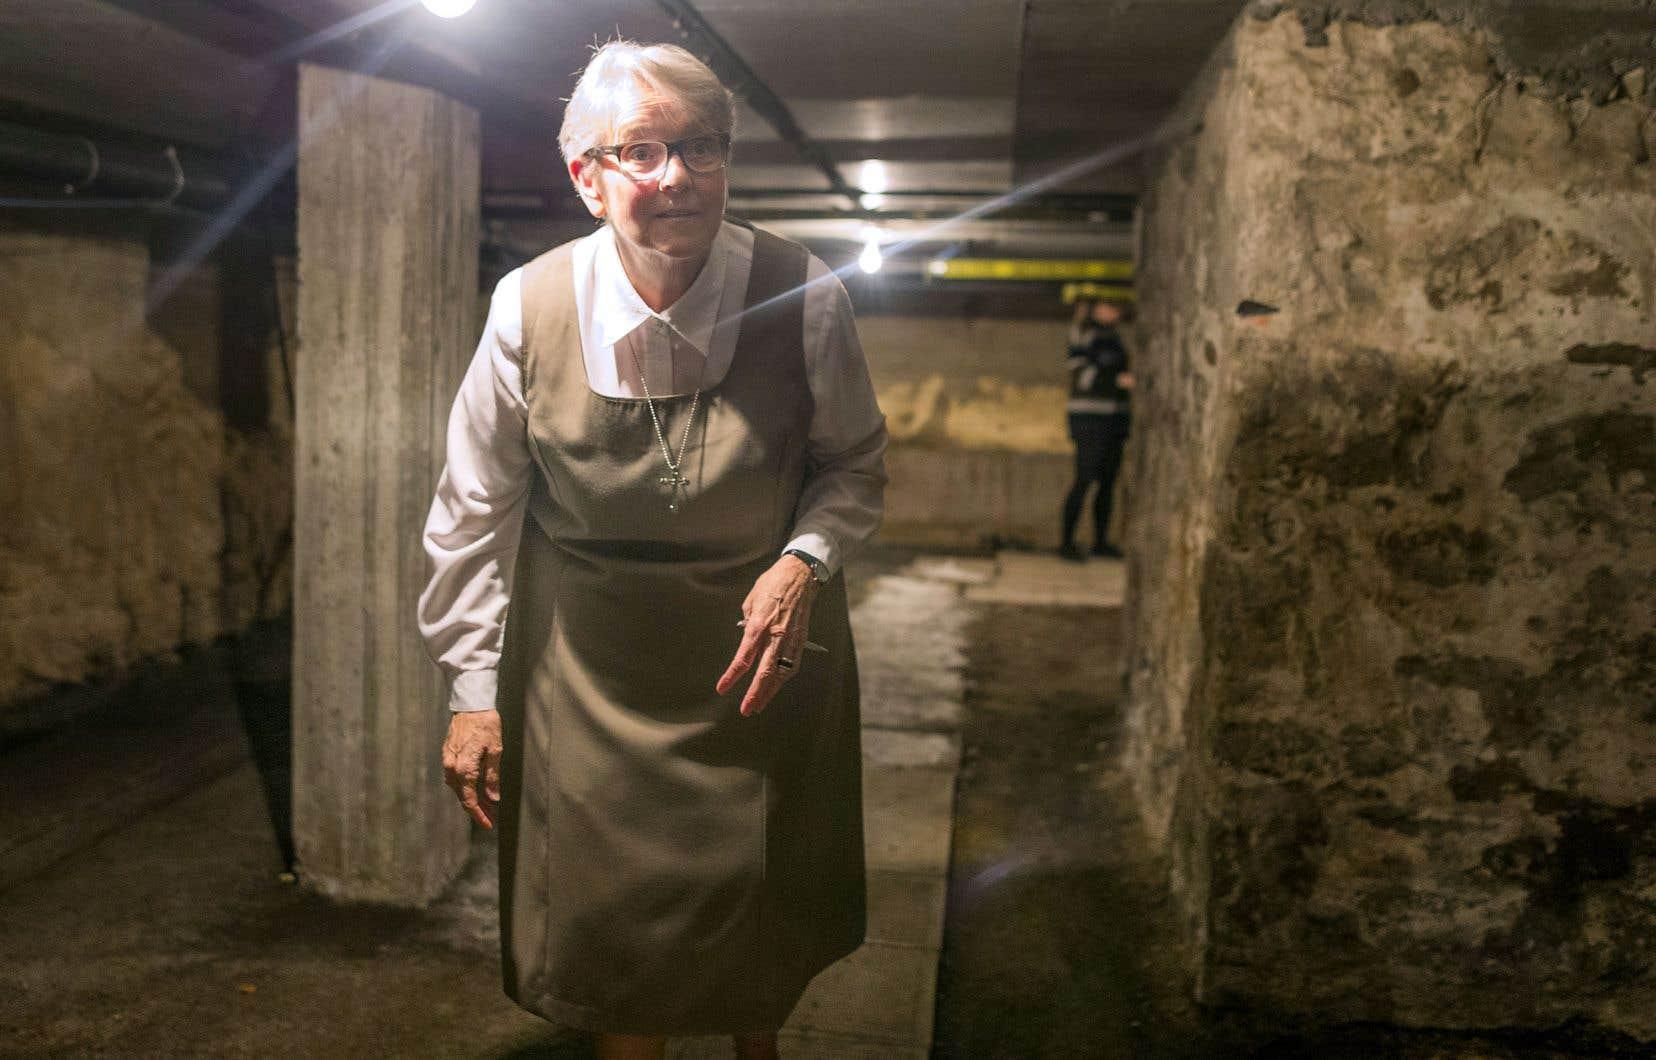 Les Sœurs grises consacreraient 4millions au projet de mise en valeur du bâtiment patrimonial, a affirmé la supérieure générale de la congrégation, sœur Aurore Larkin.